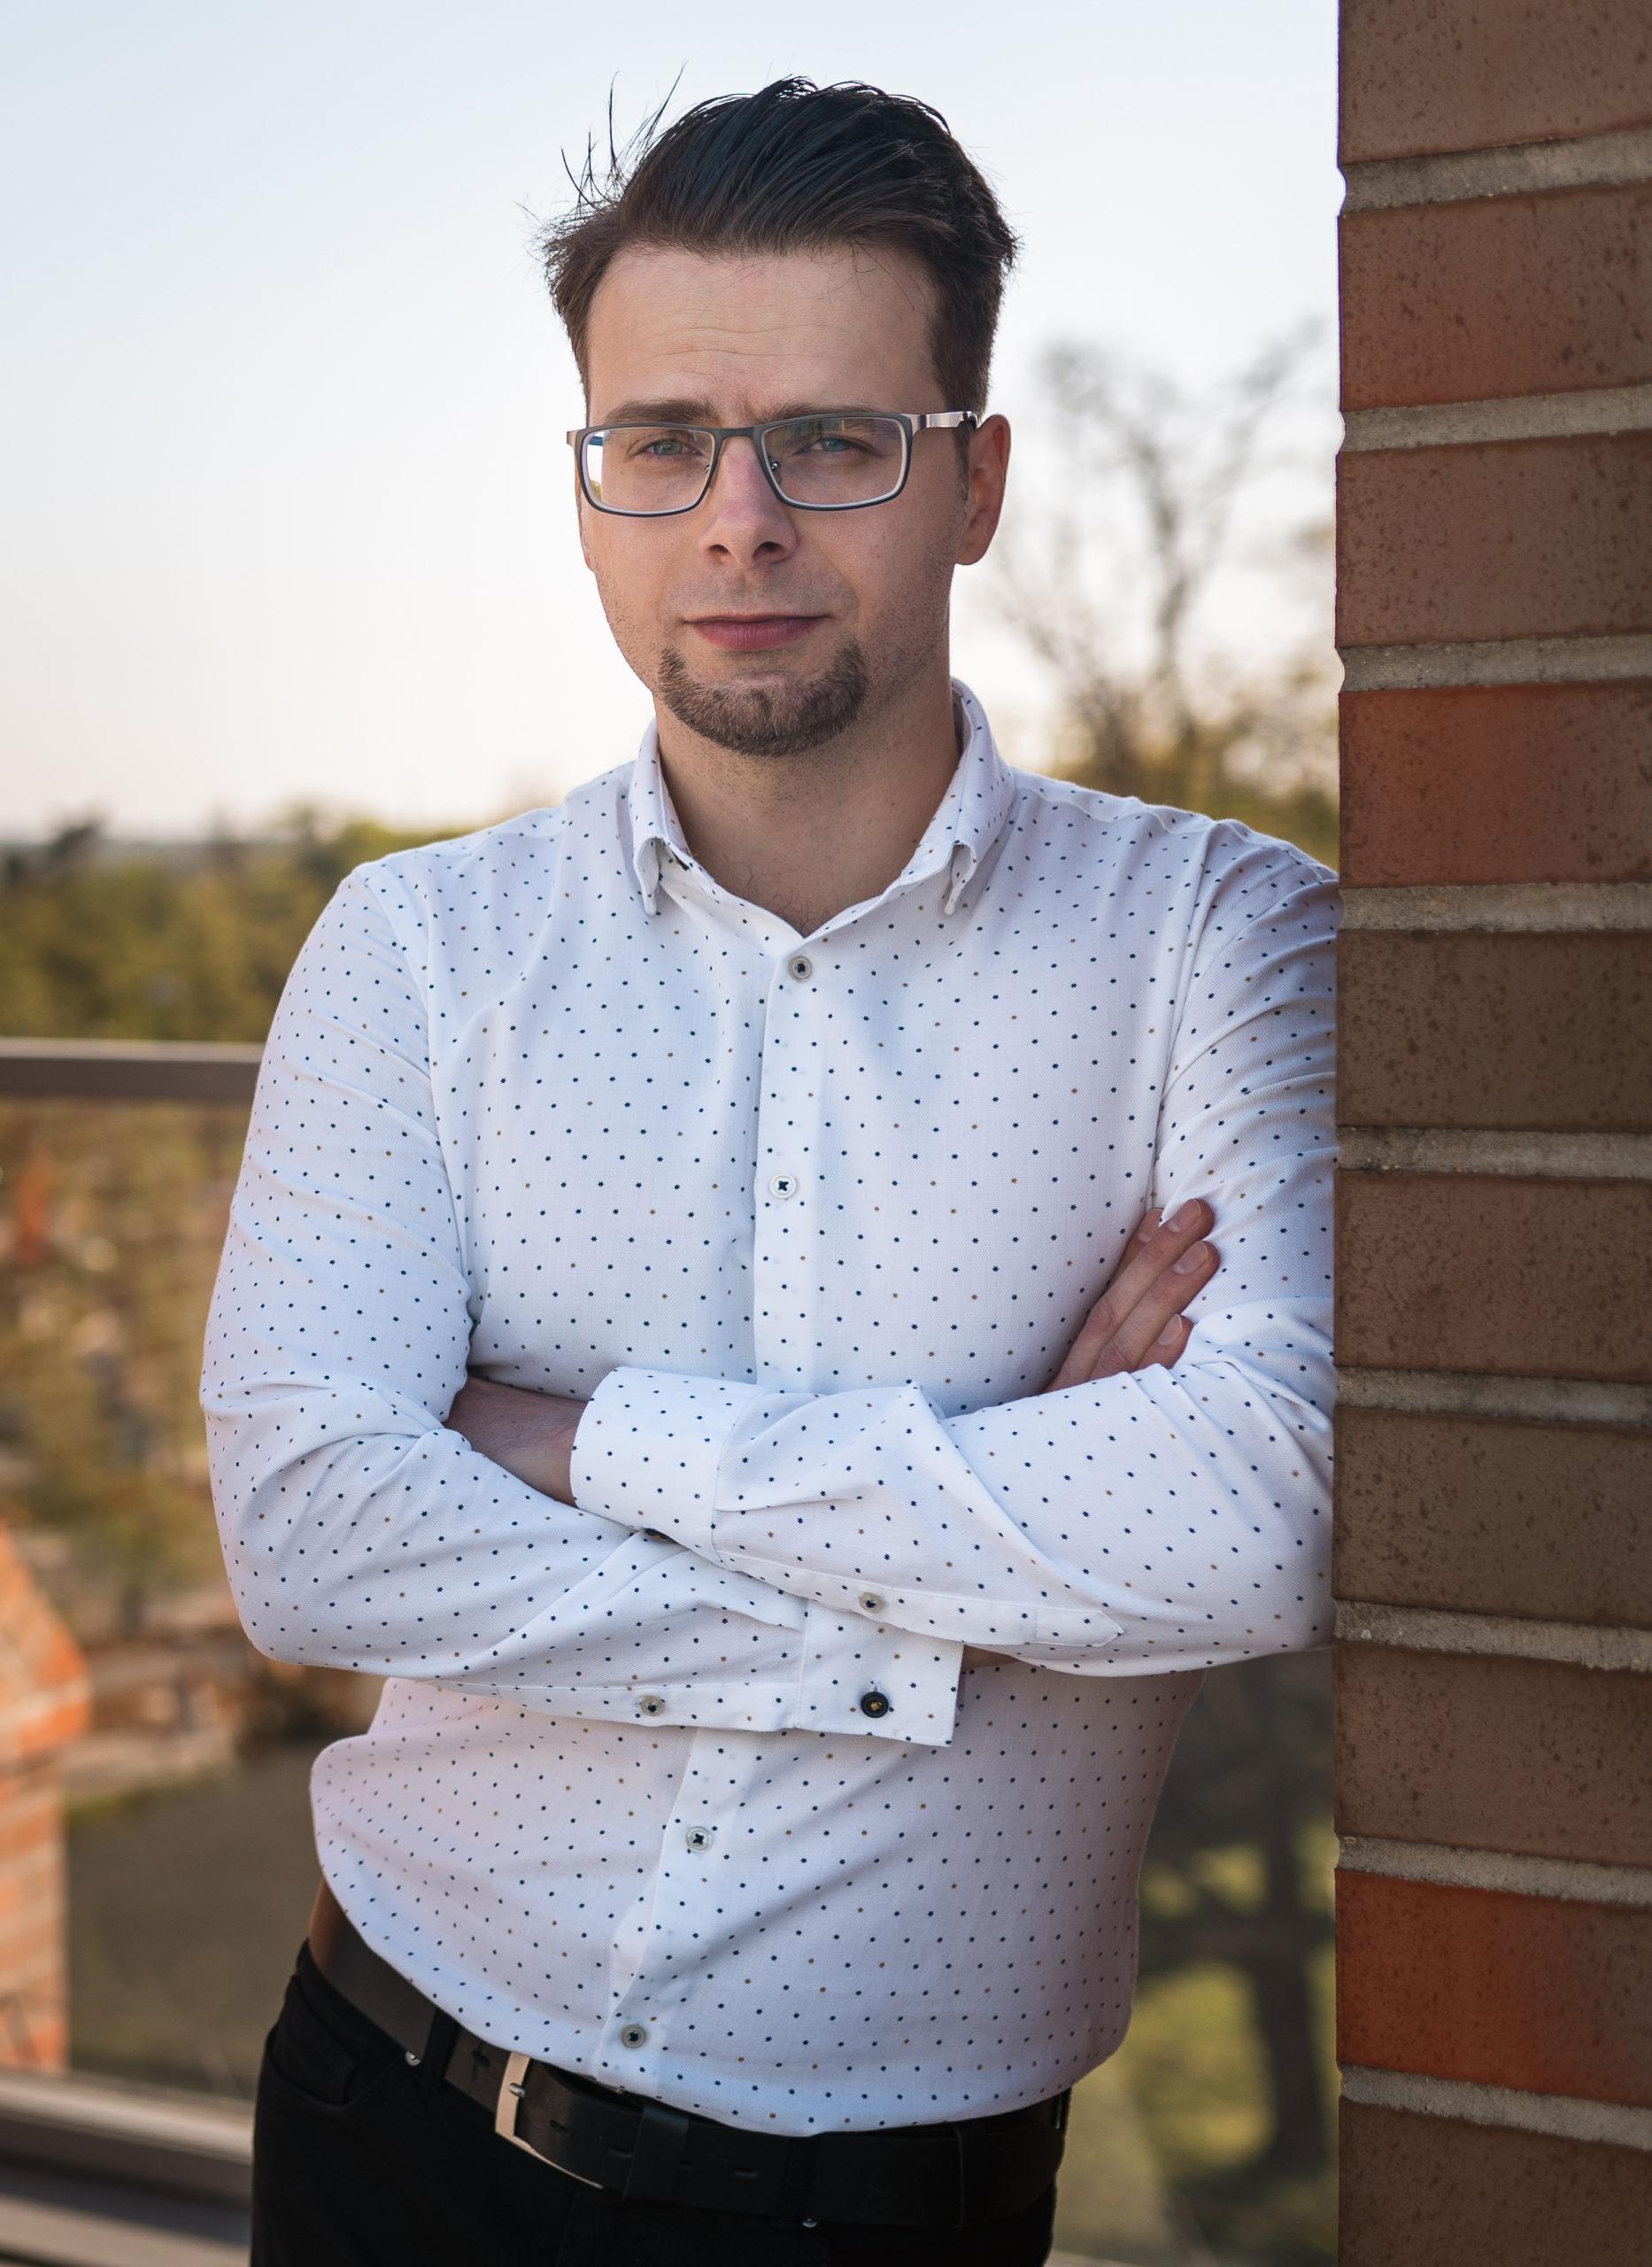 Piotr A. Rączkowiak